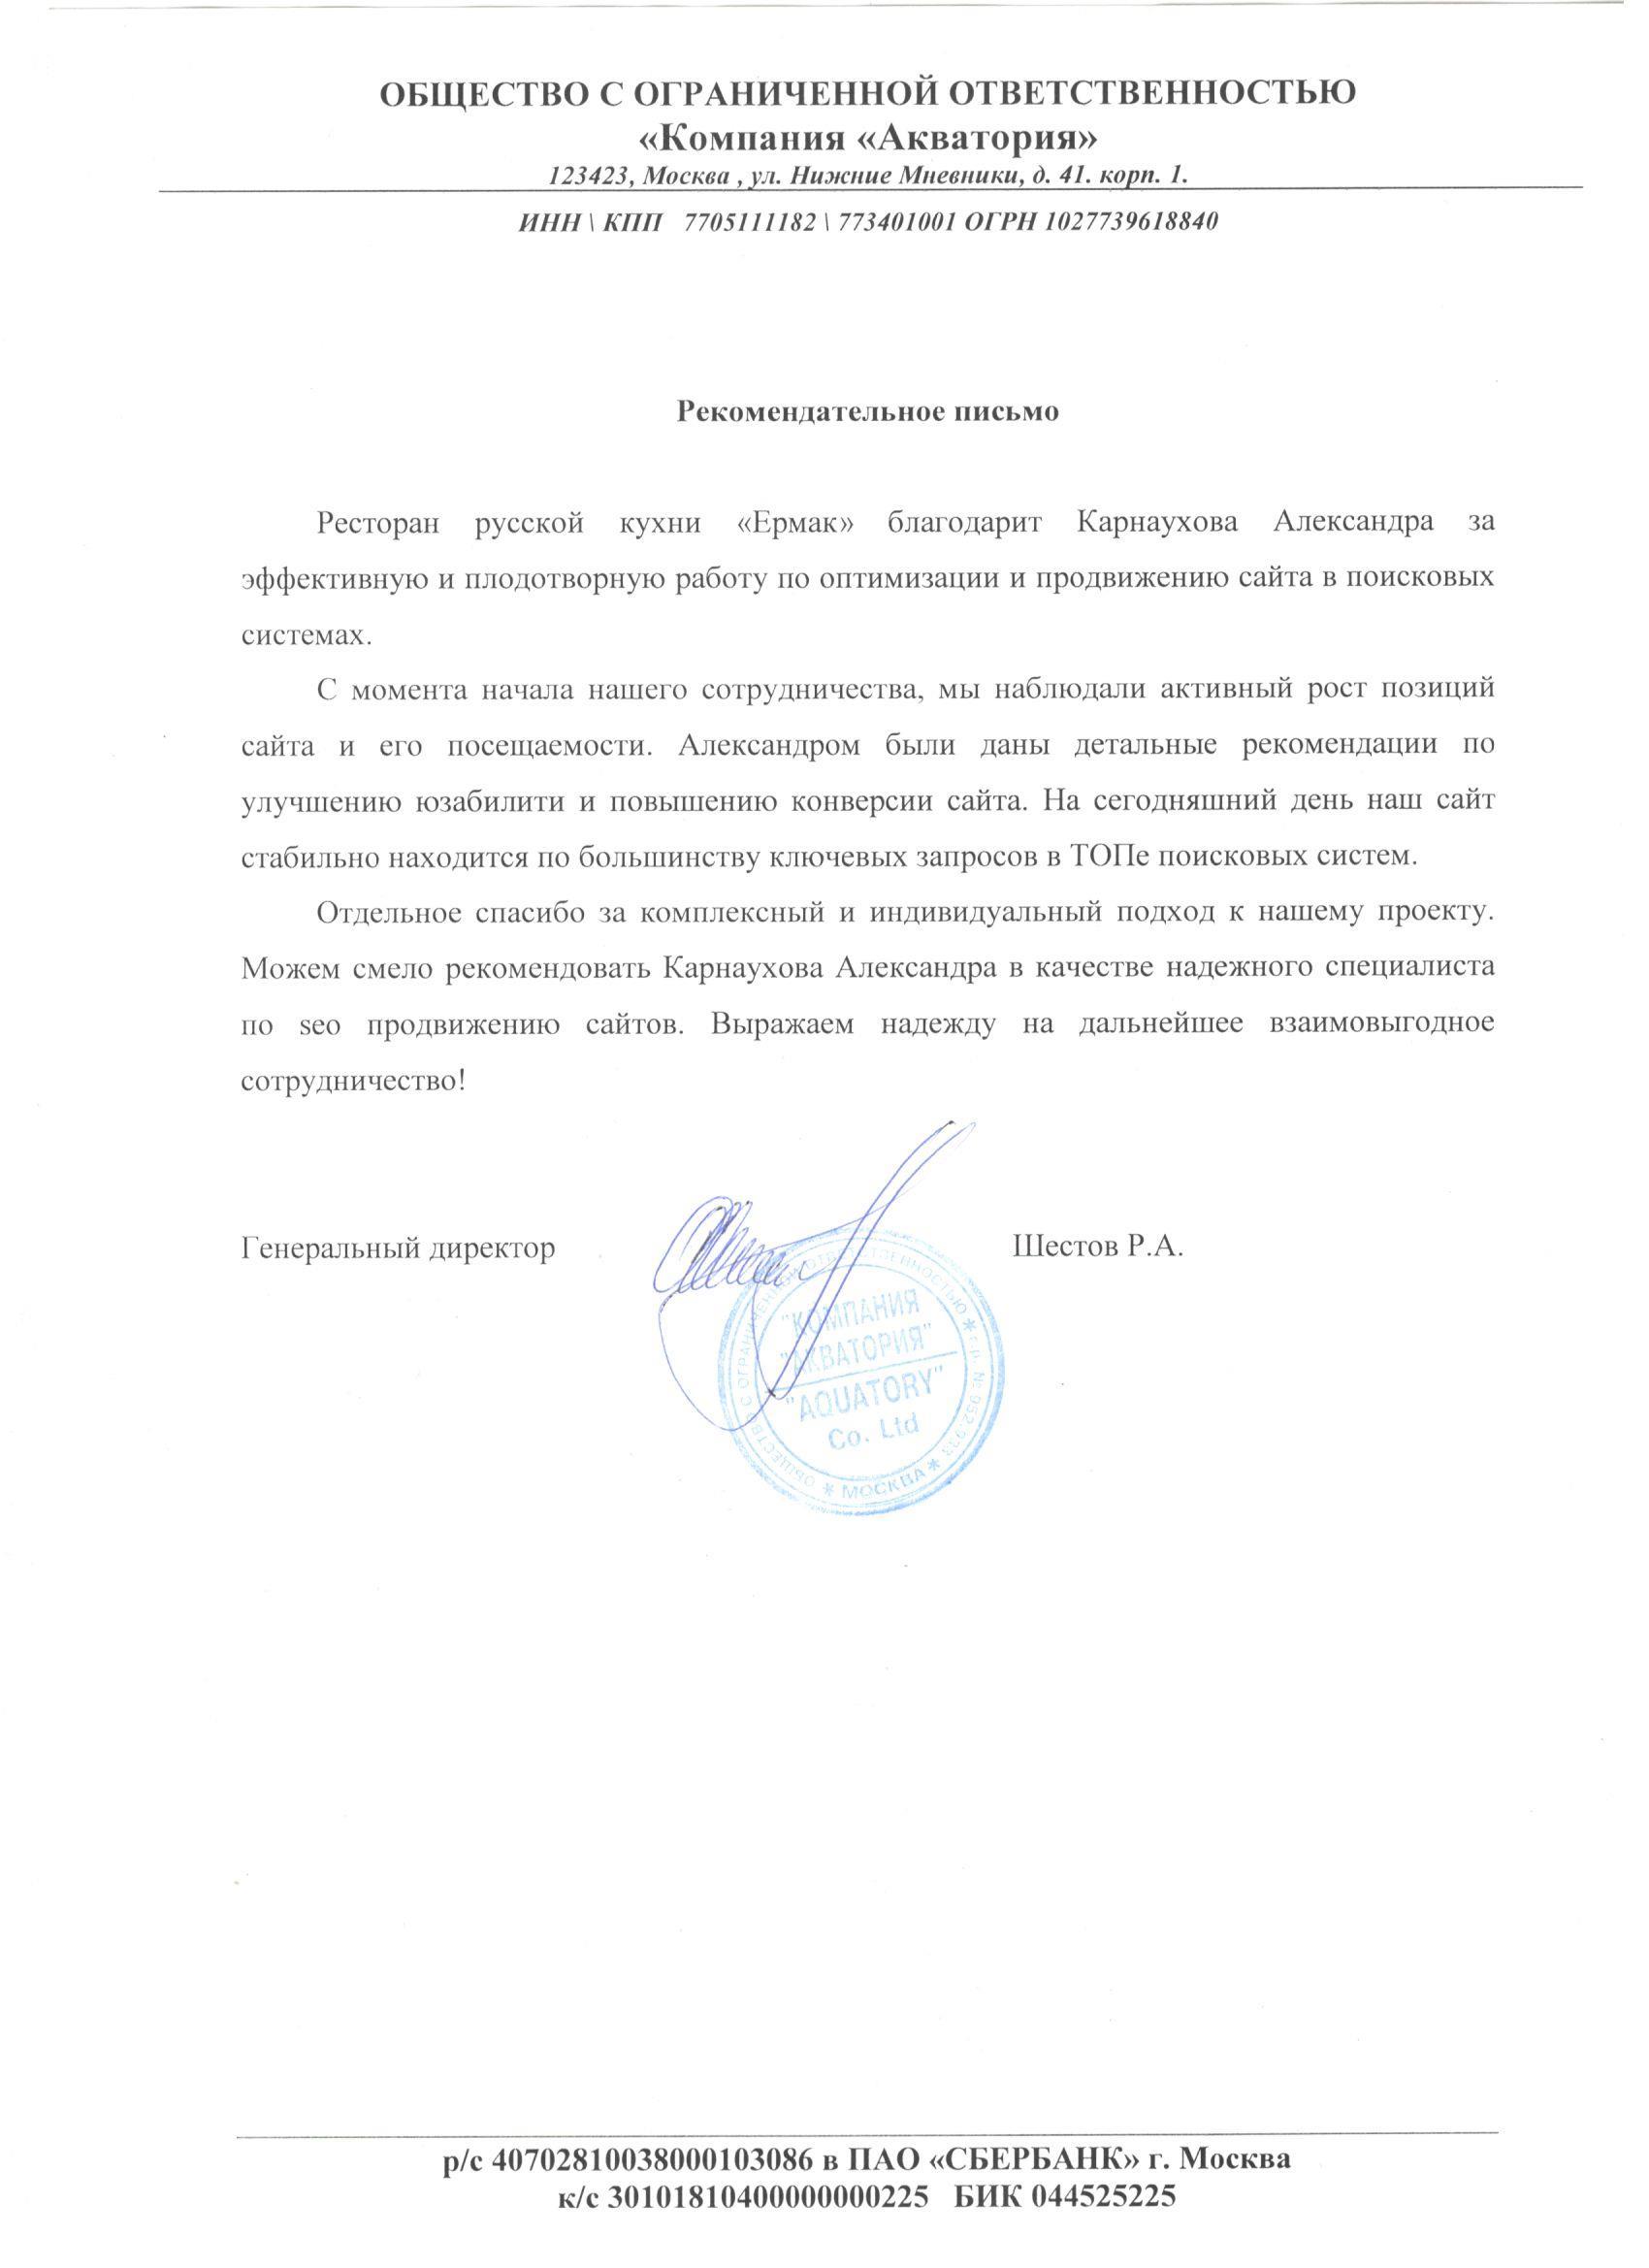 """Благодарственное письмо от ресторана """"Ермак"""" за продвижение сайта restoran-ermak.ru"""